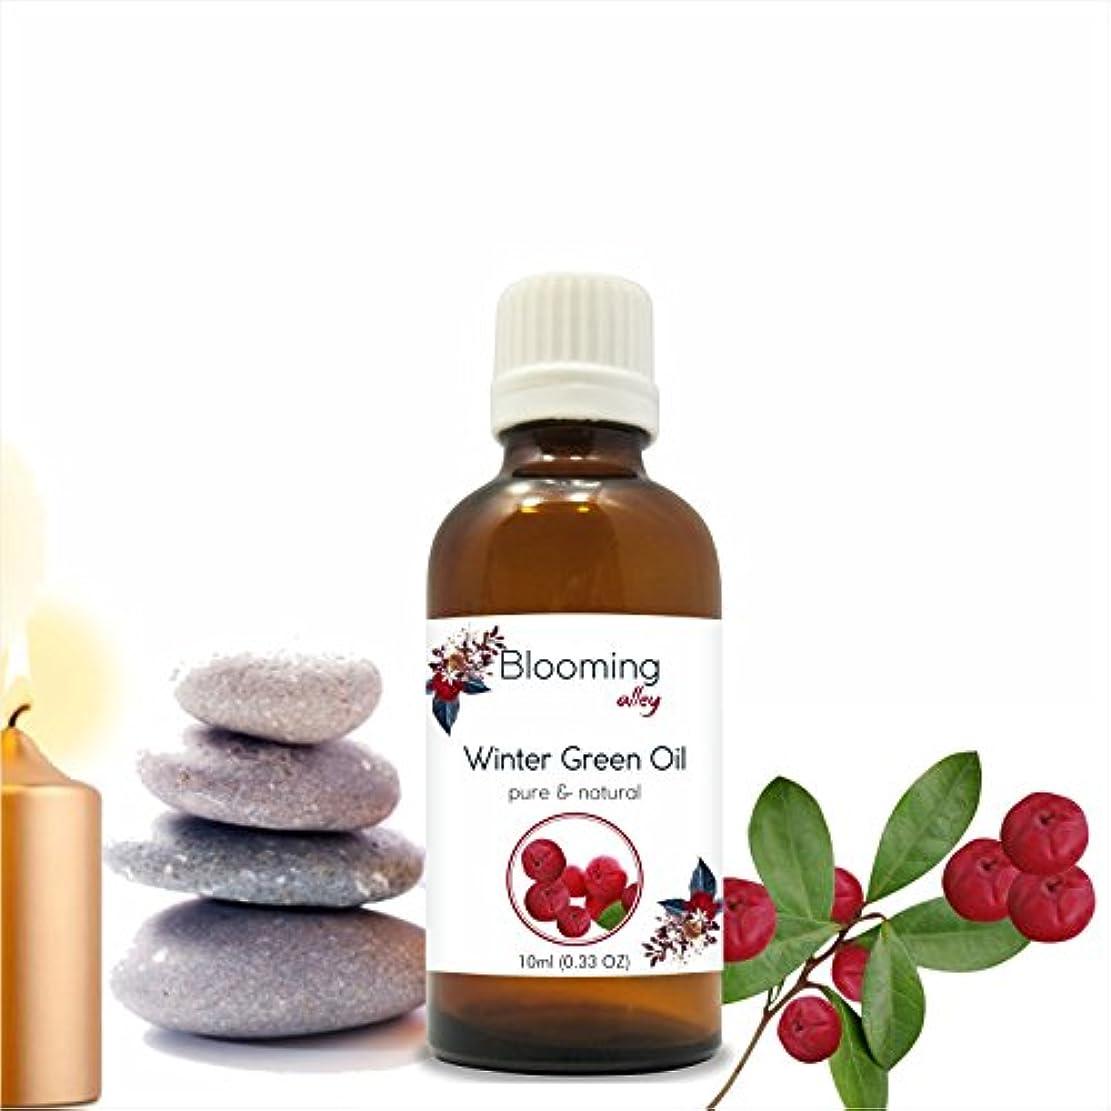 名目上の穿孔する性交Wintergreen Oil(Gaultheria Procumbens) Essential Oil 10 ml or 0.33 Fl Oz by Blooming Alley